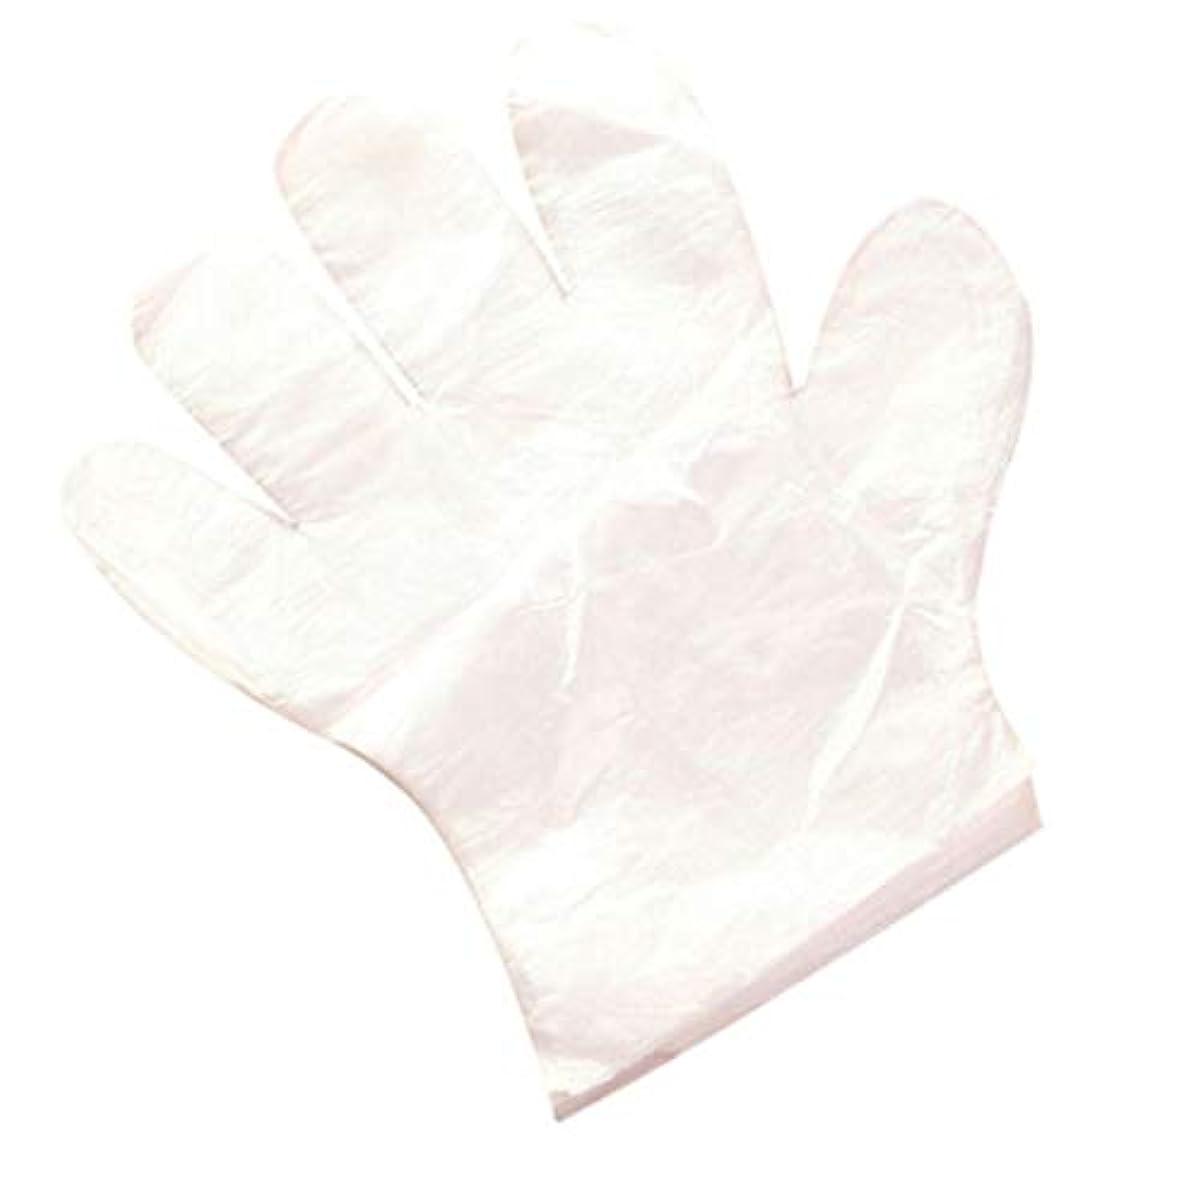 確かに三角予言する家庭用家庭の清掃および衛生用使い捨て手袋を食べる使い捨て手袋 (UnitCount : 500only)